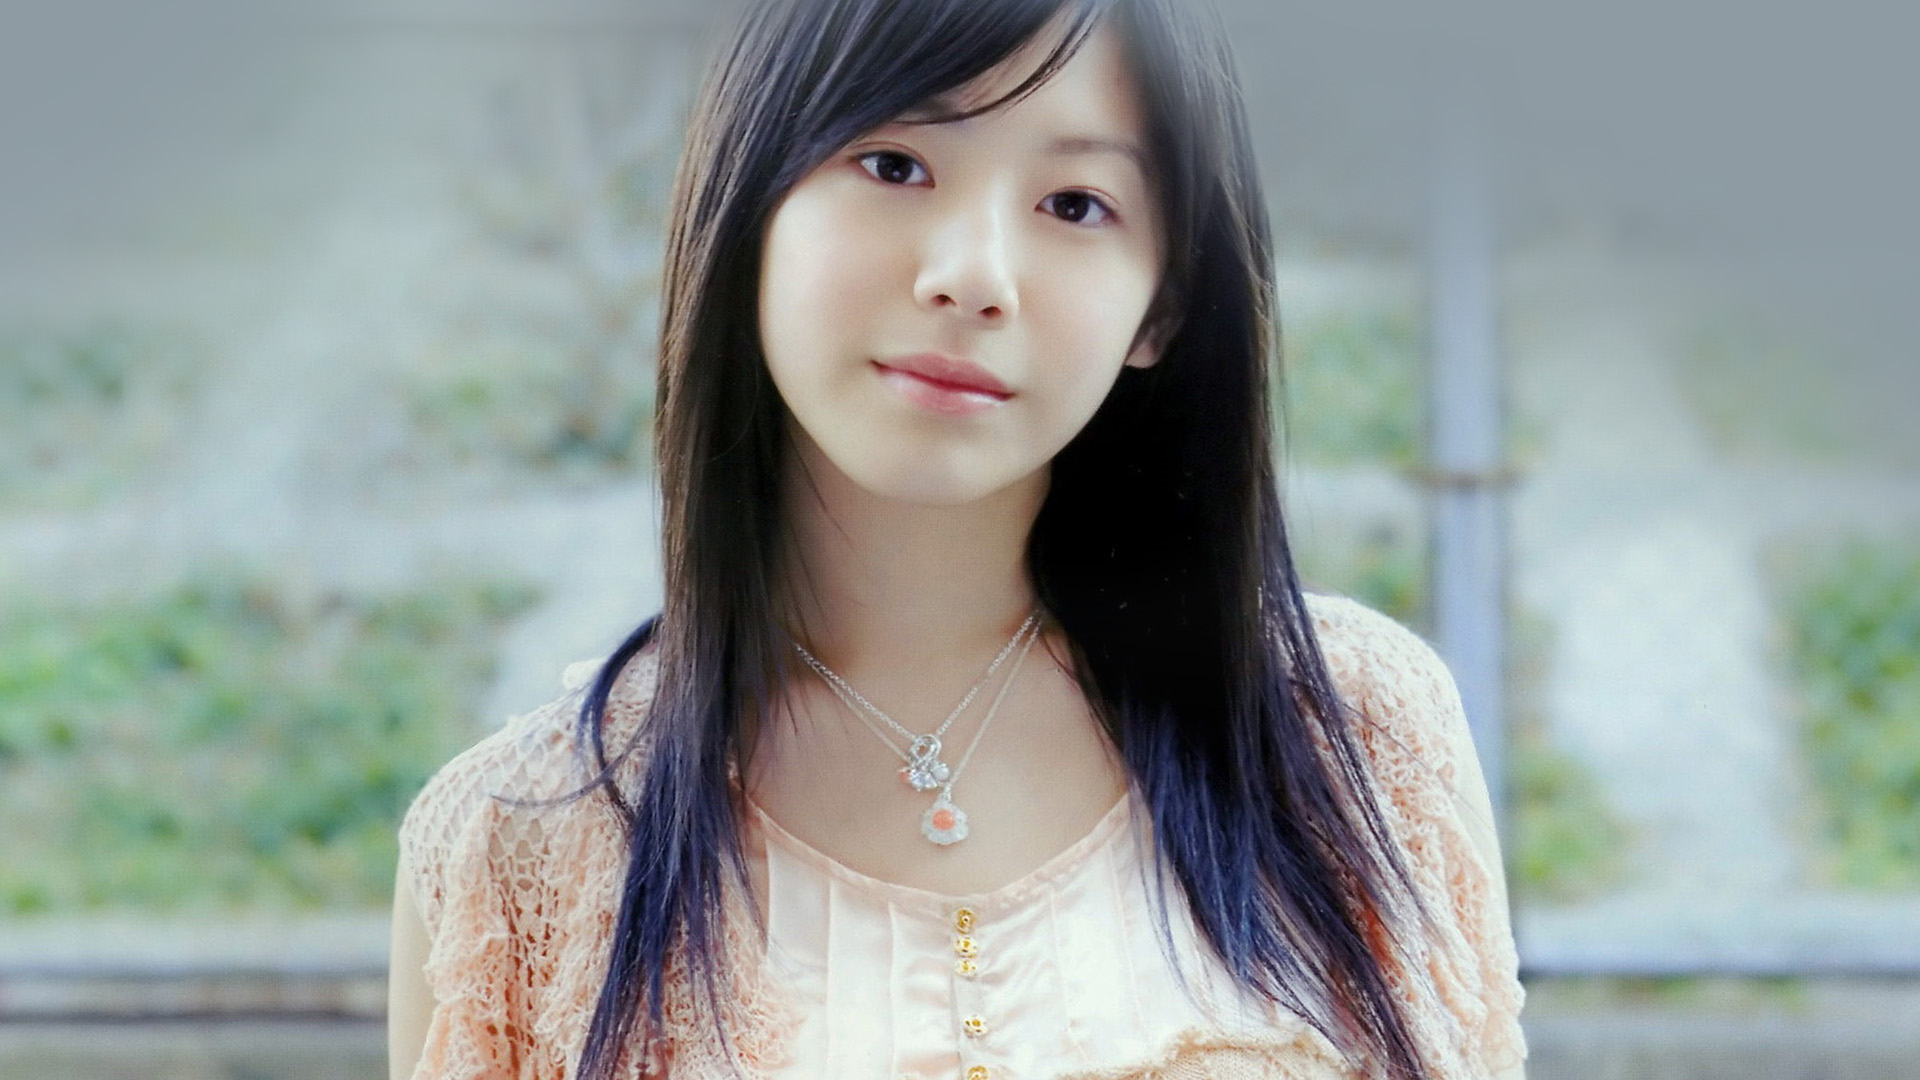 Japanese Girl Wallpaper For Iphone Hj07 Kaho Japanese Girl Actress Wallpaper